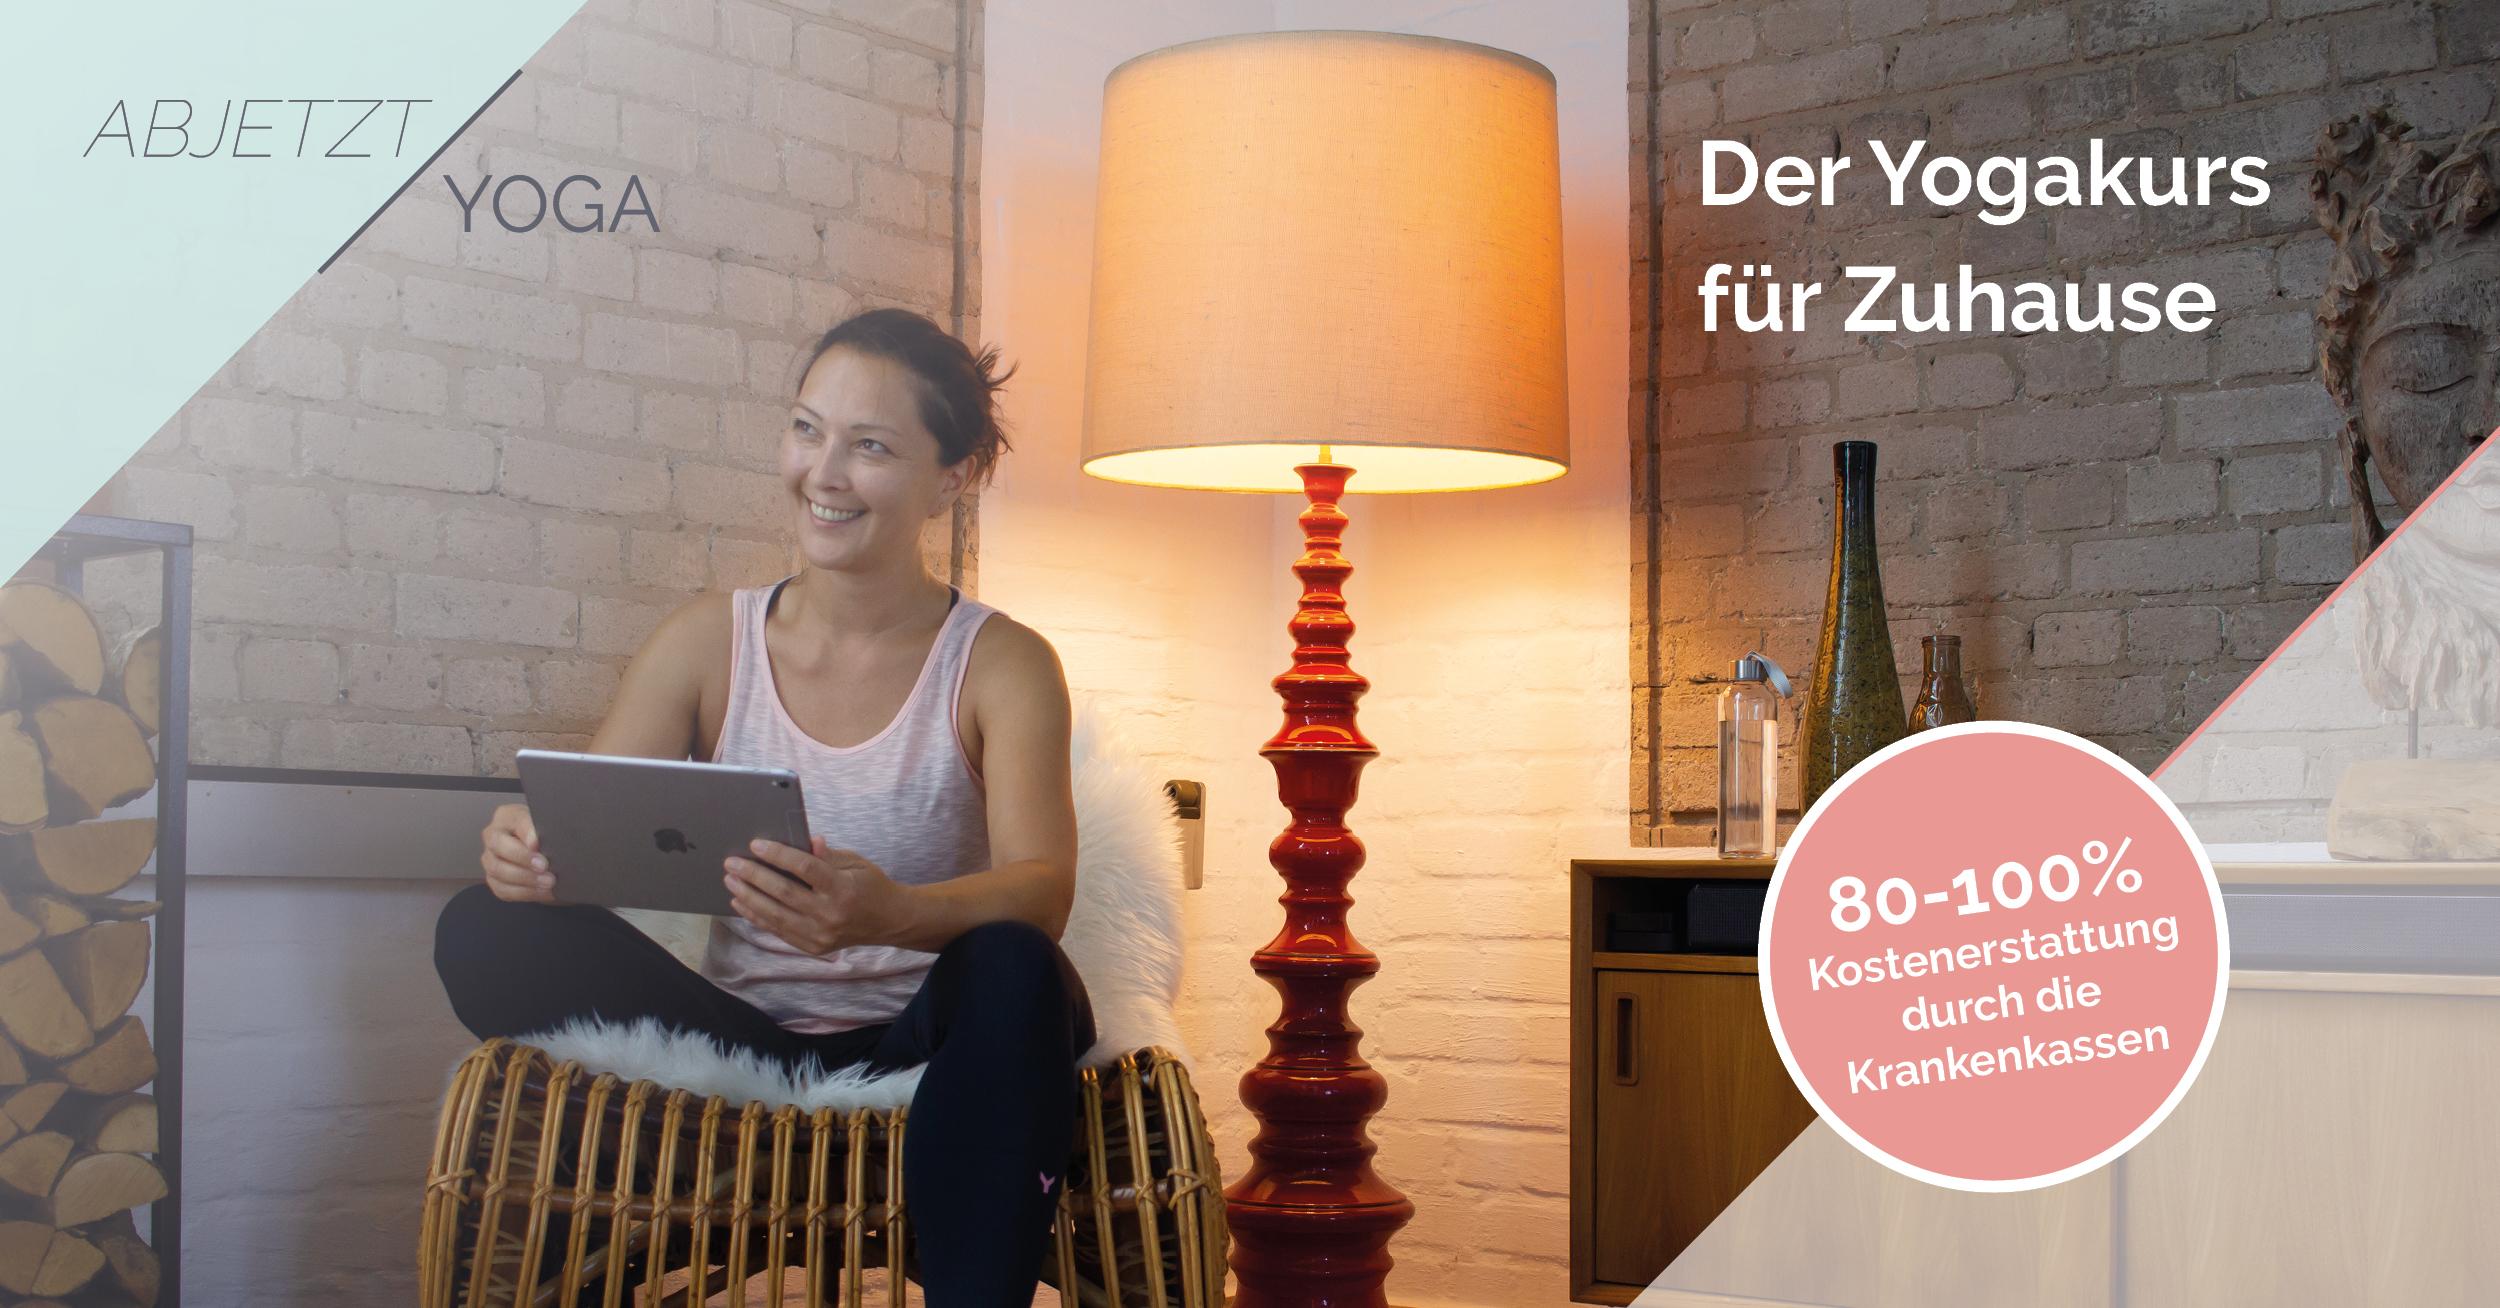 AbJetztYoga - Dein Online-Kurs für Zuhause